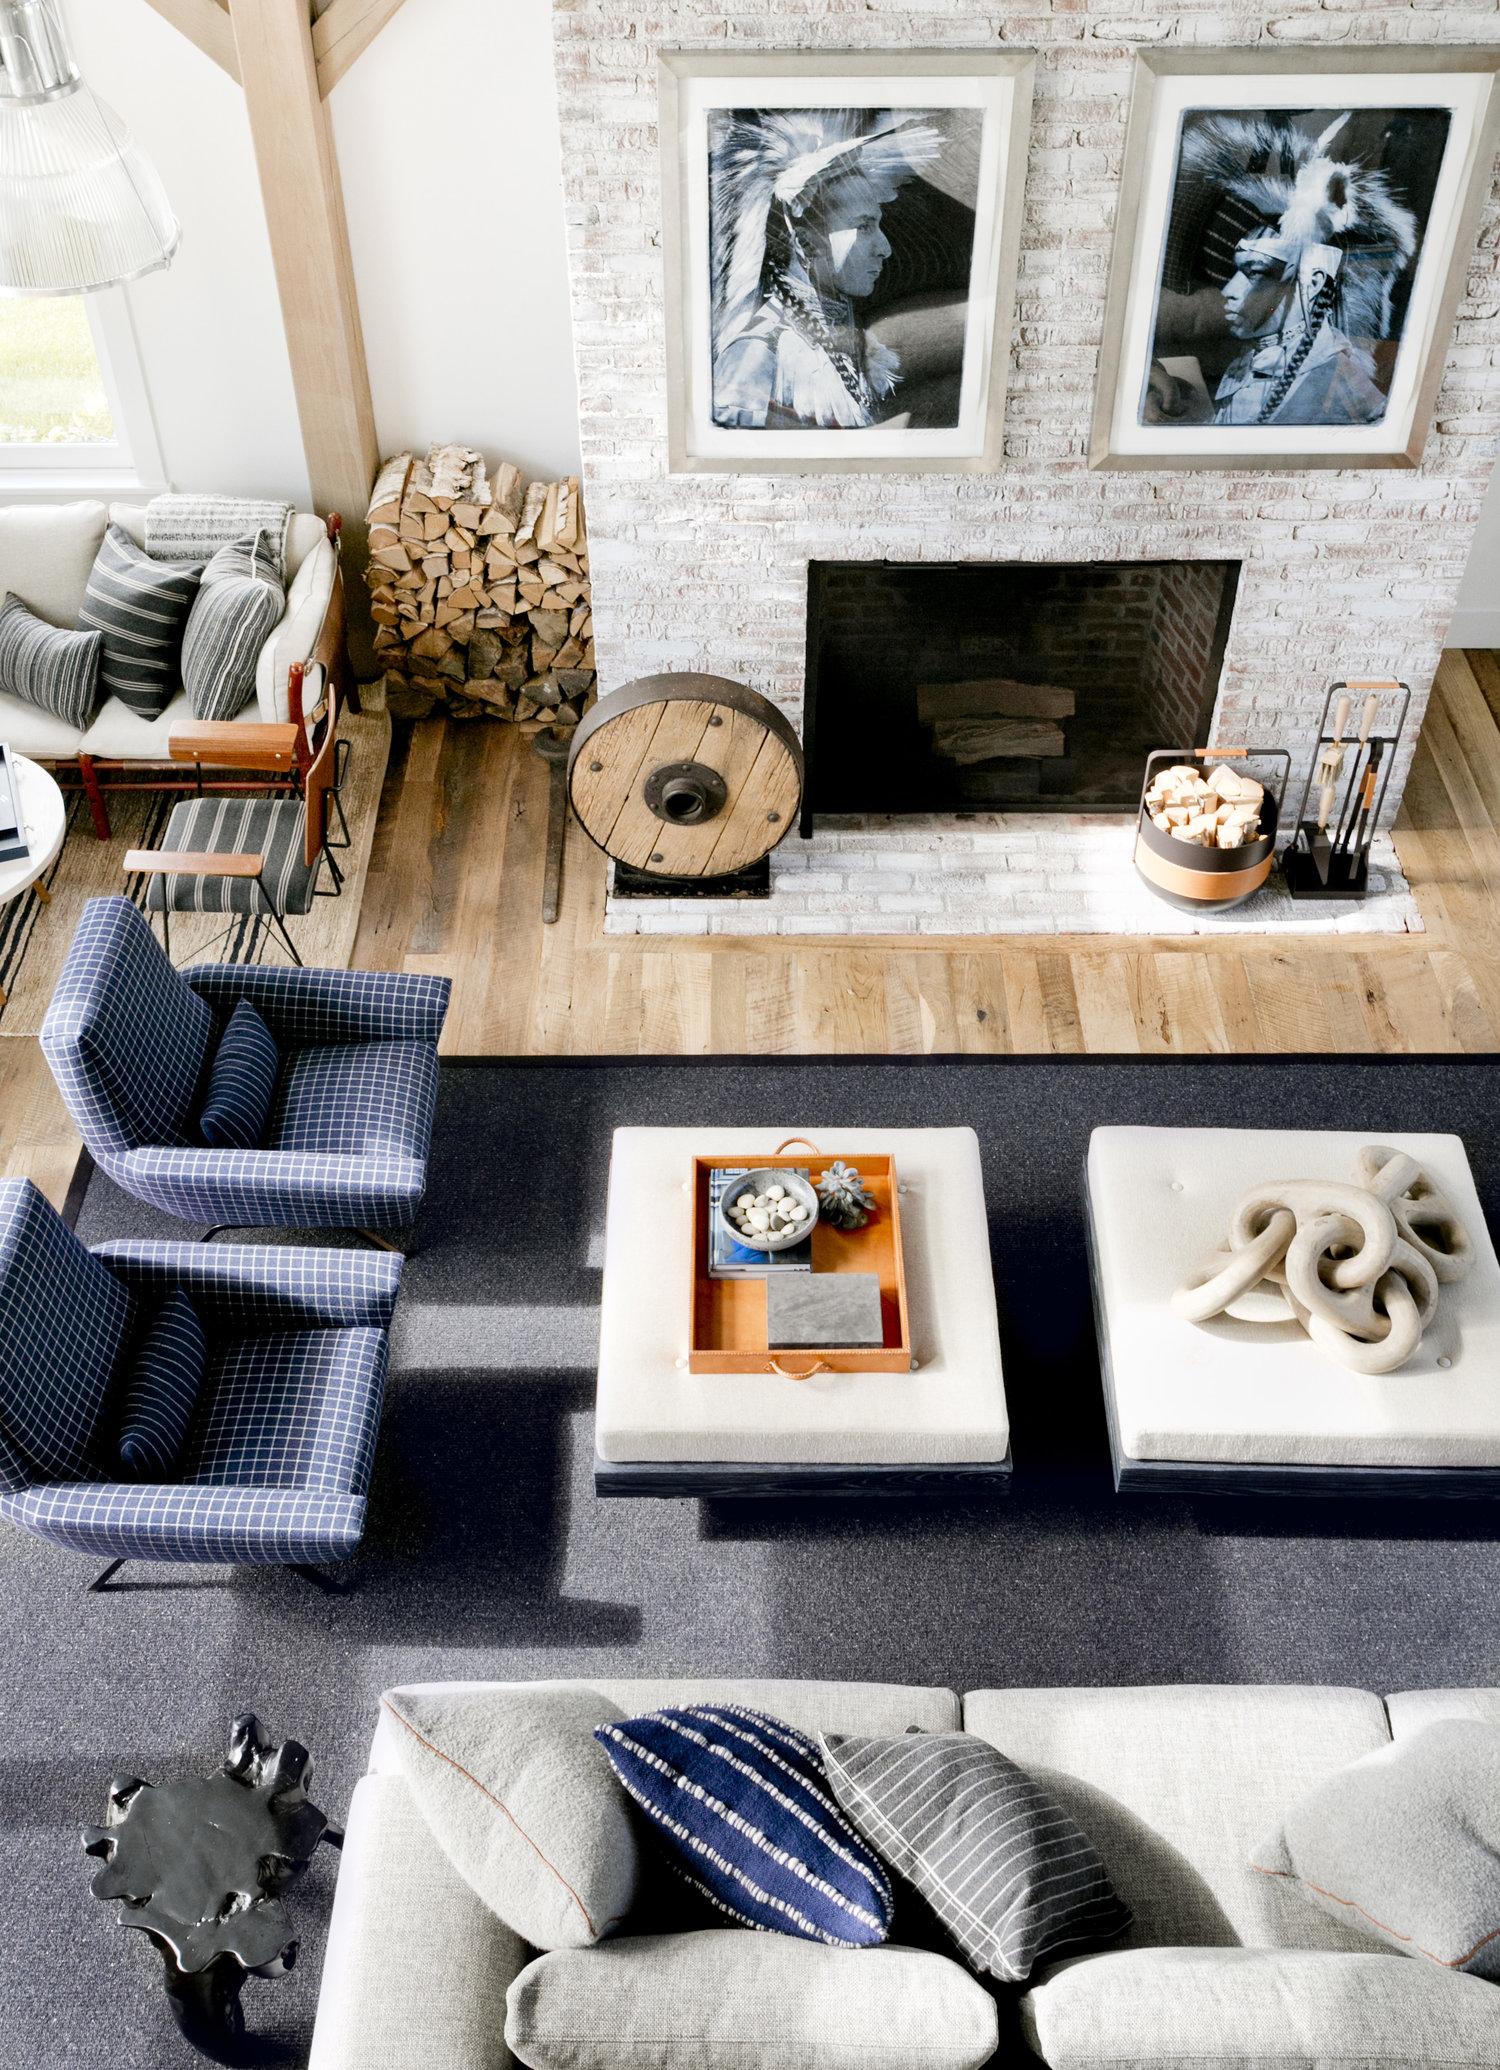 гостиная высокий потолок половая доска дерево камин дрова